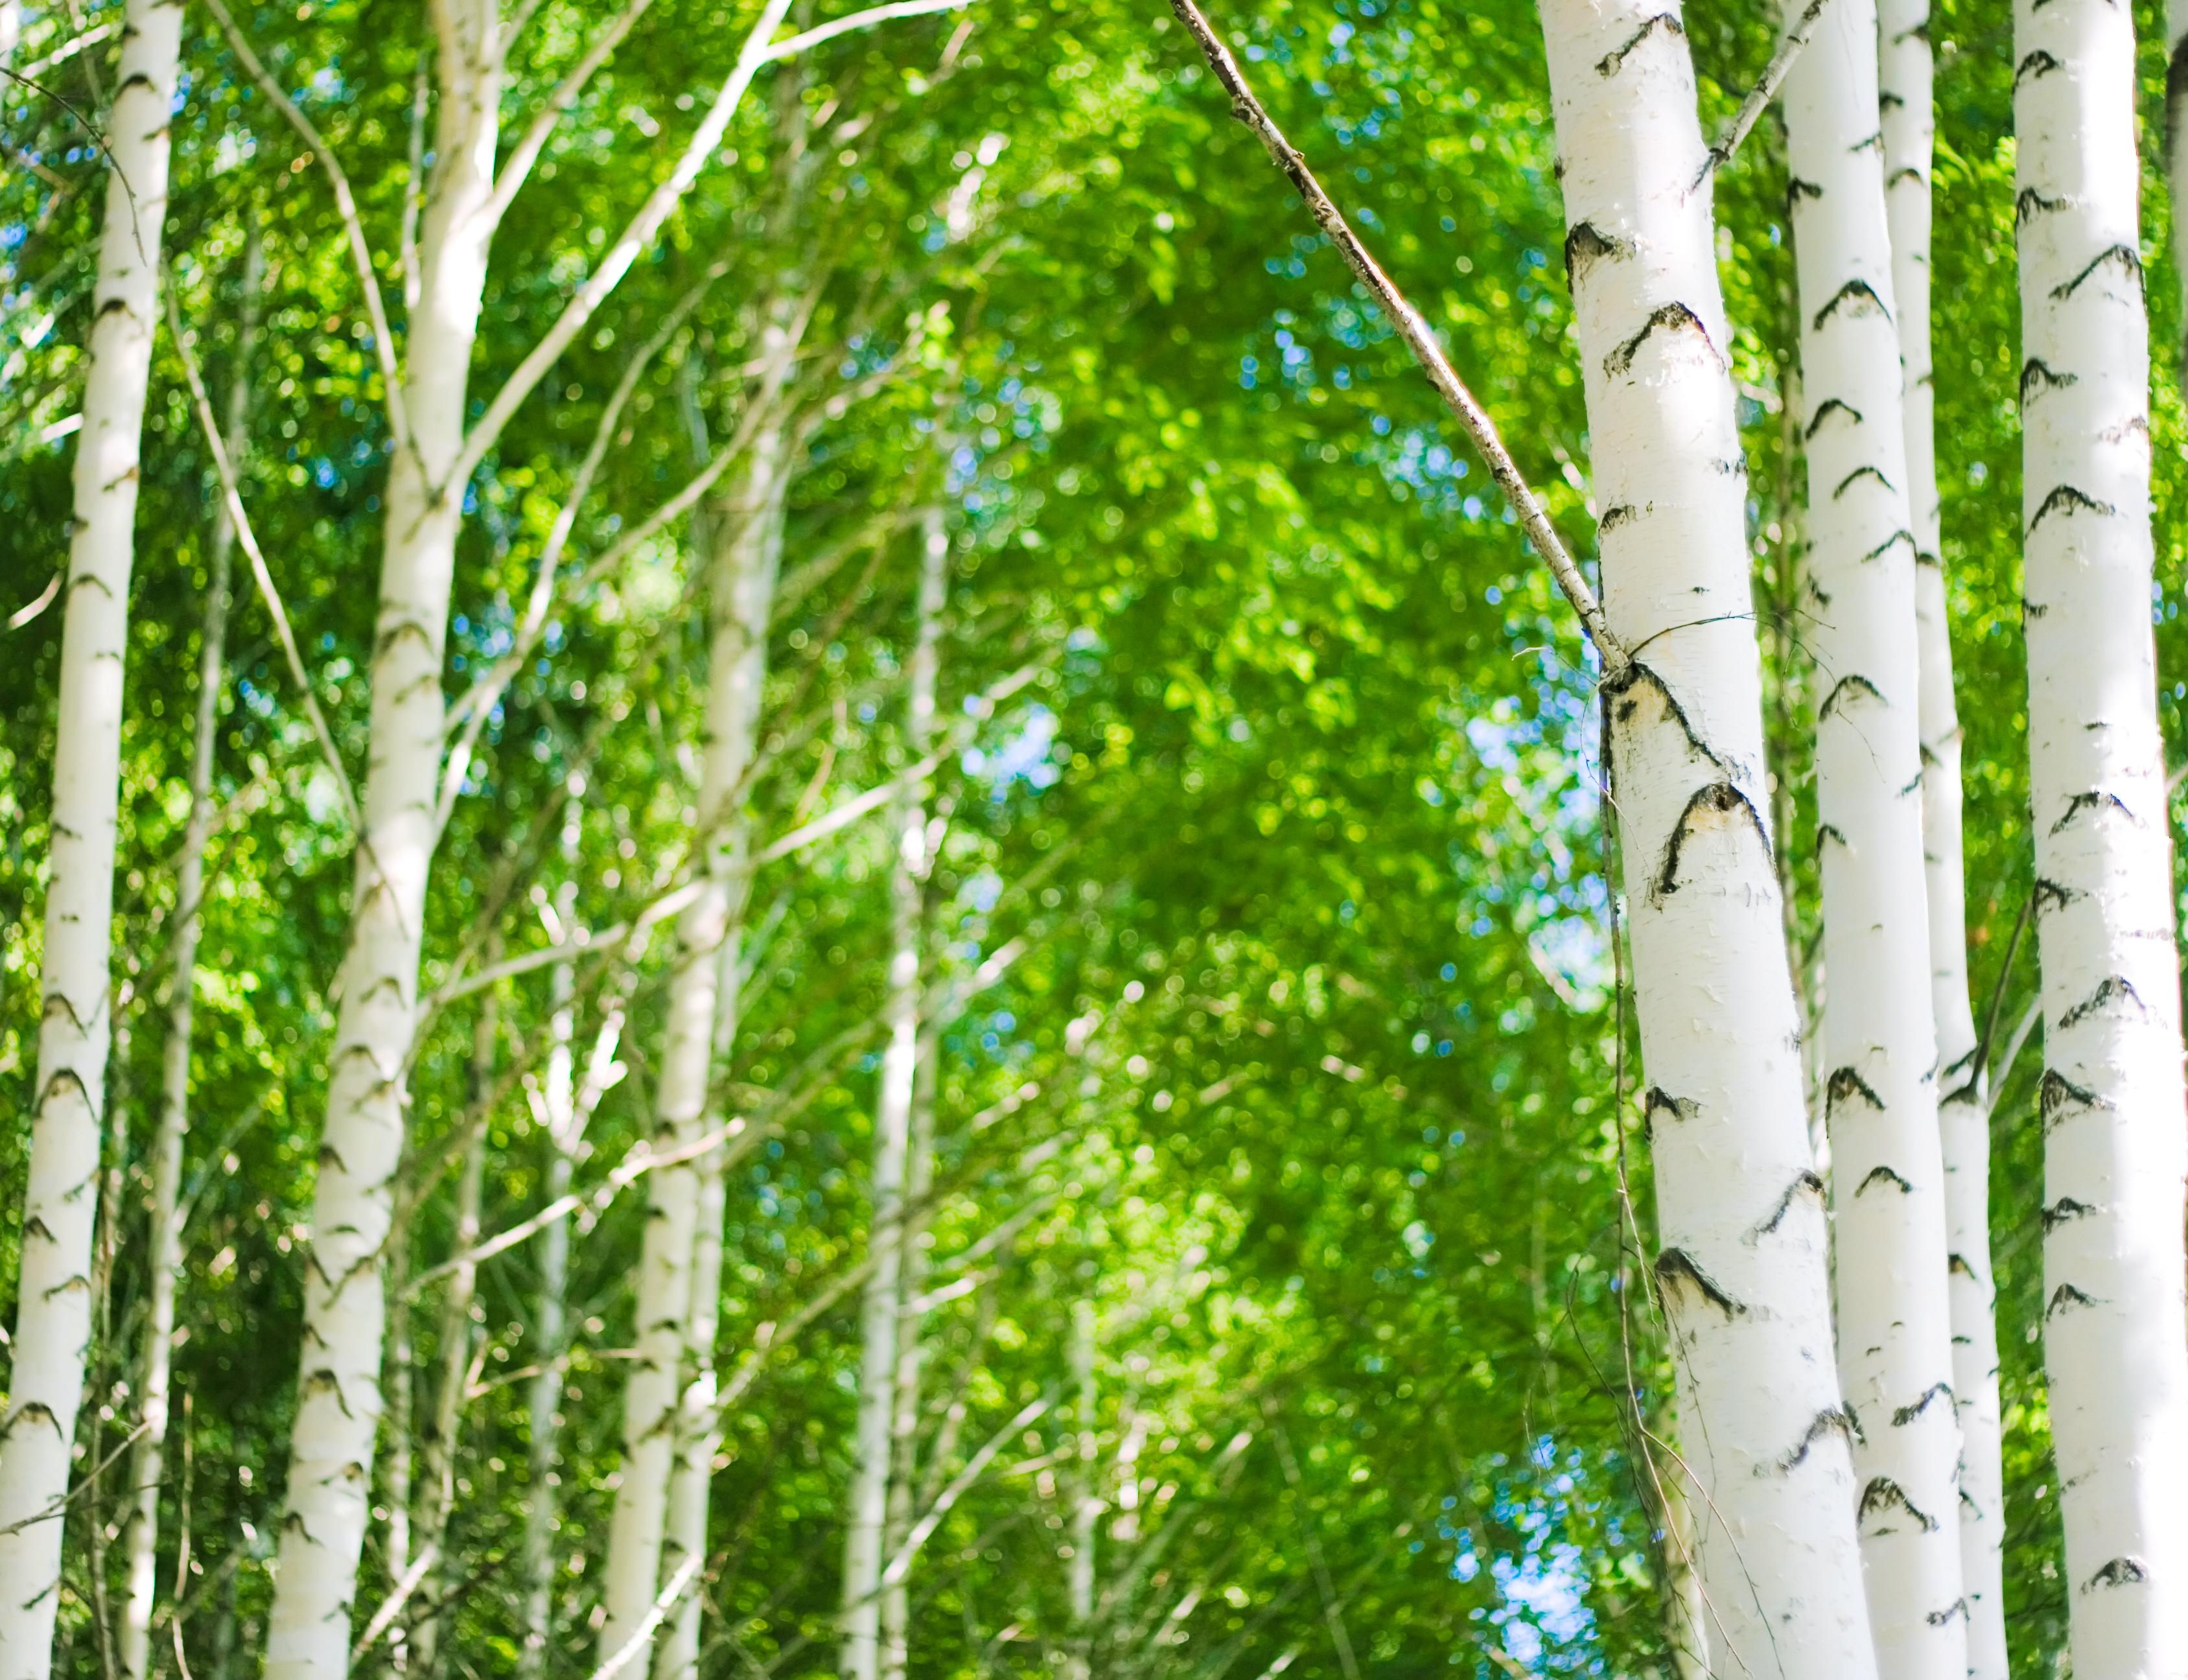 trees, Birch, Con2011, Countryside, Landscape, HQ Photo